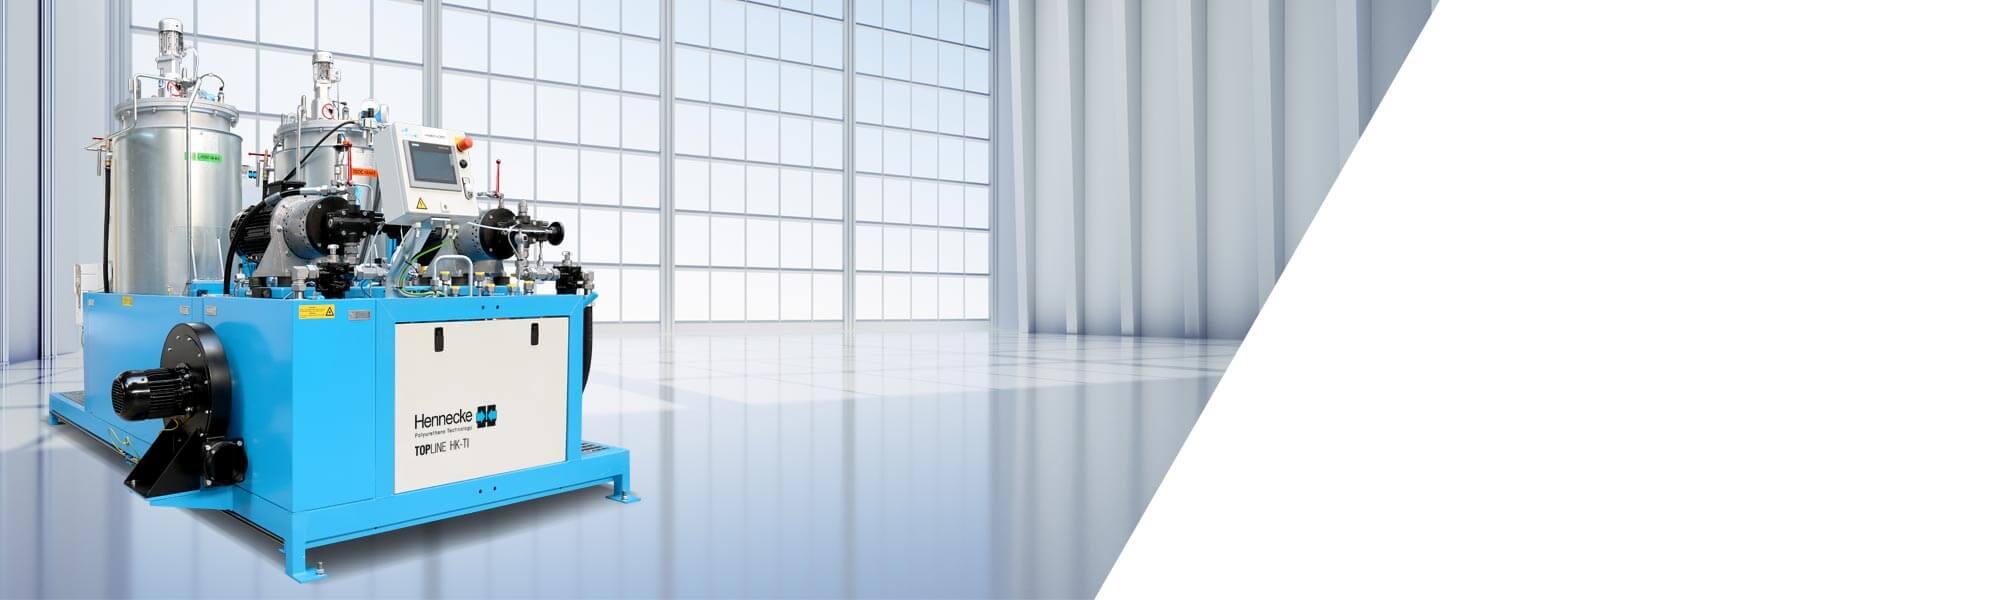 테크니컬 단열 분야에서 애플리케이션과 냉각기 생산을 위한 고압 미터링 기계